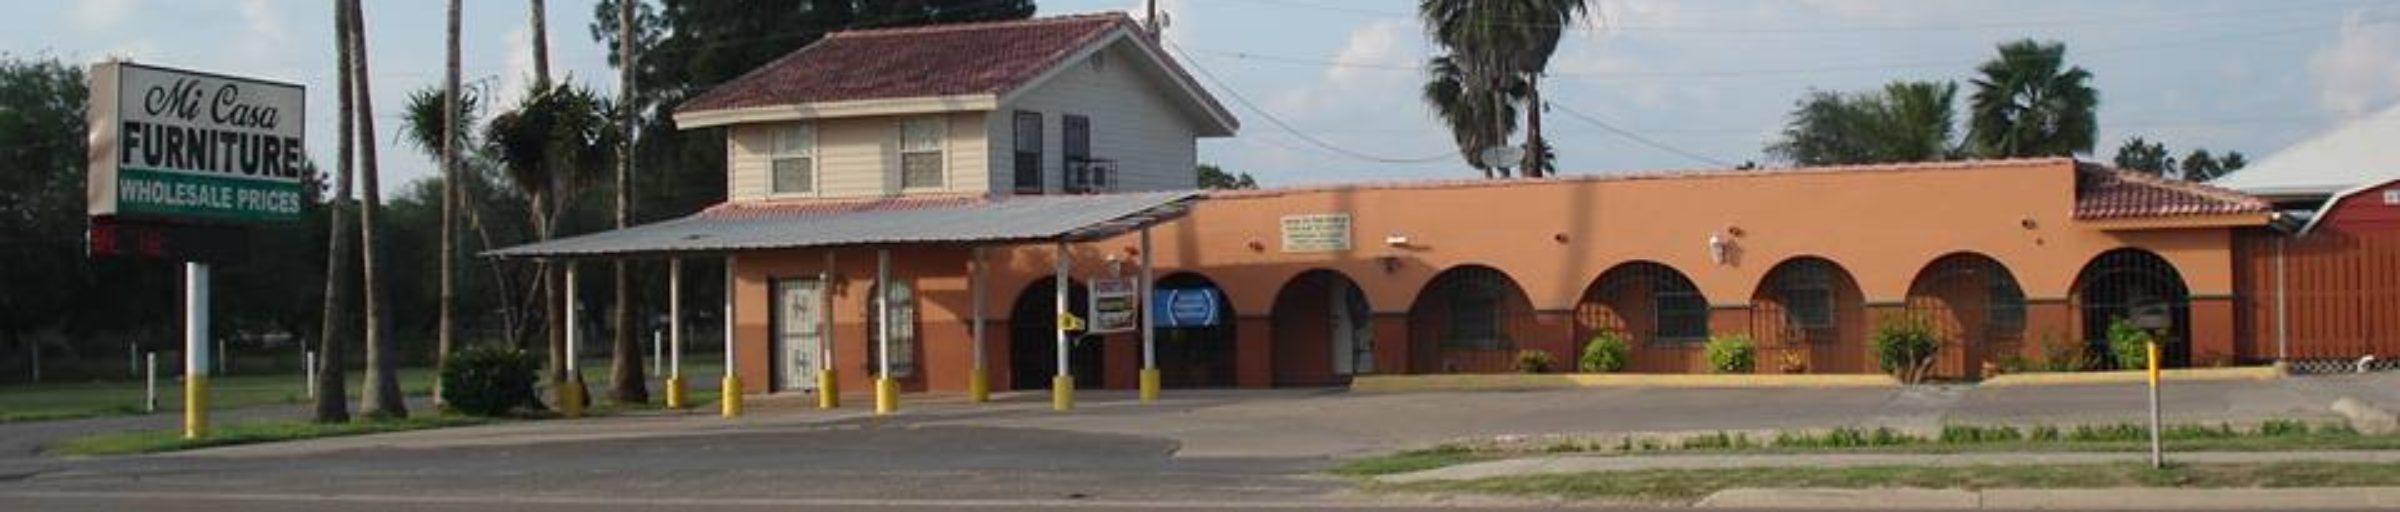 Mi Casa Furniture | Furniture Store Brownsville TX